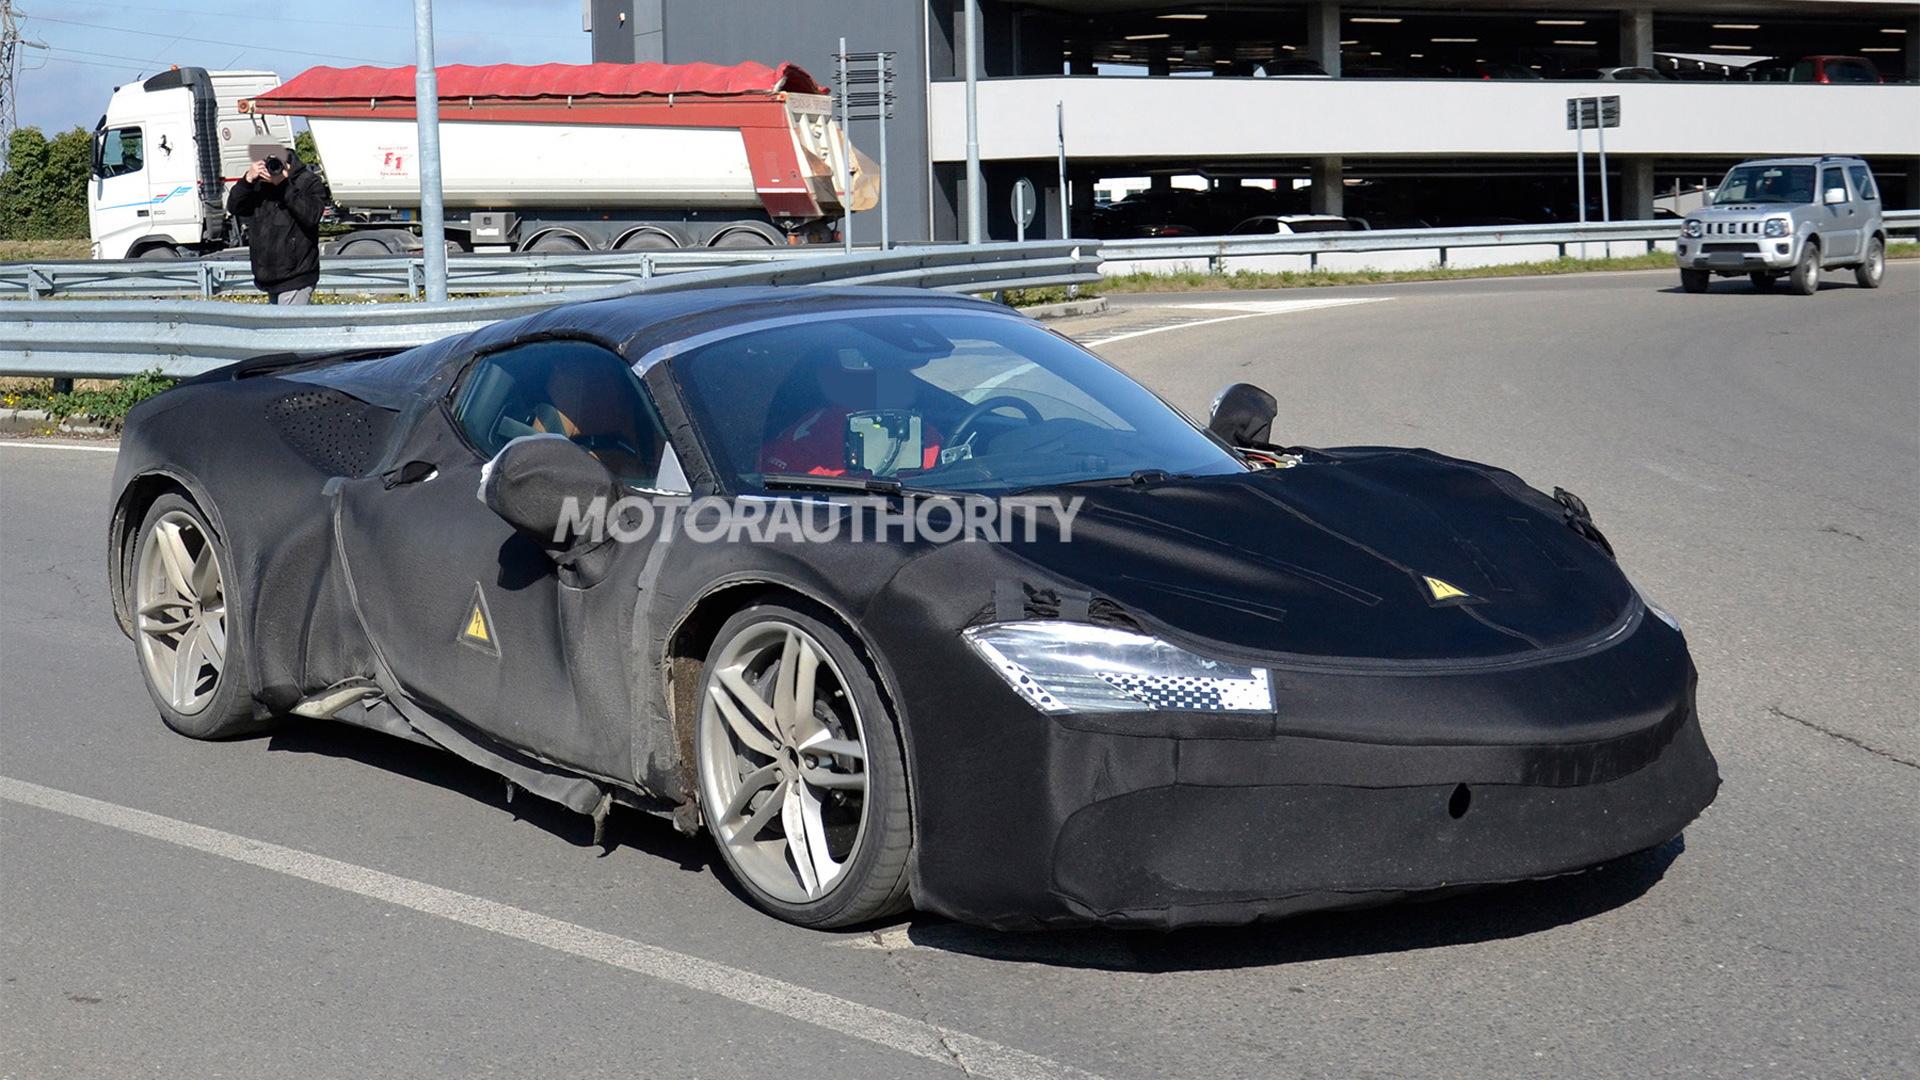 Ferrari SF90 Stradale Spider spy shots - Photo credit:S. Baldauf/SB-Medien